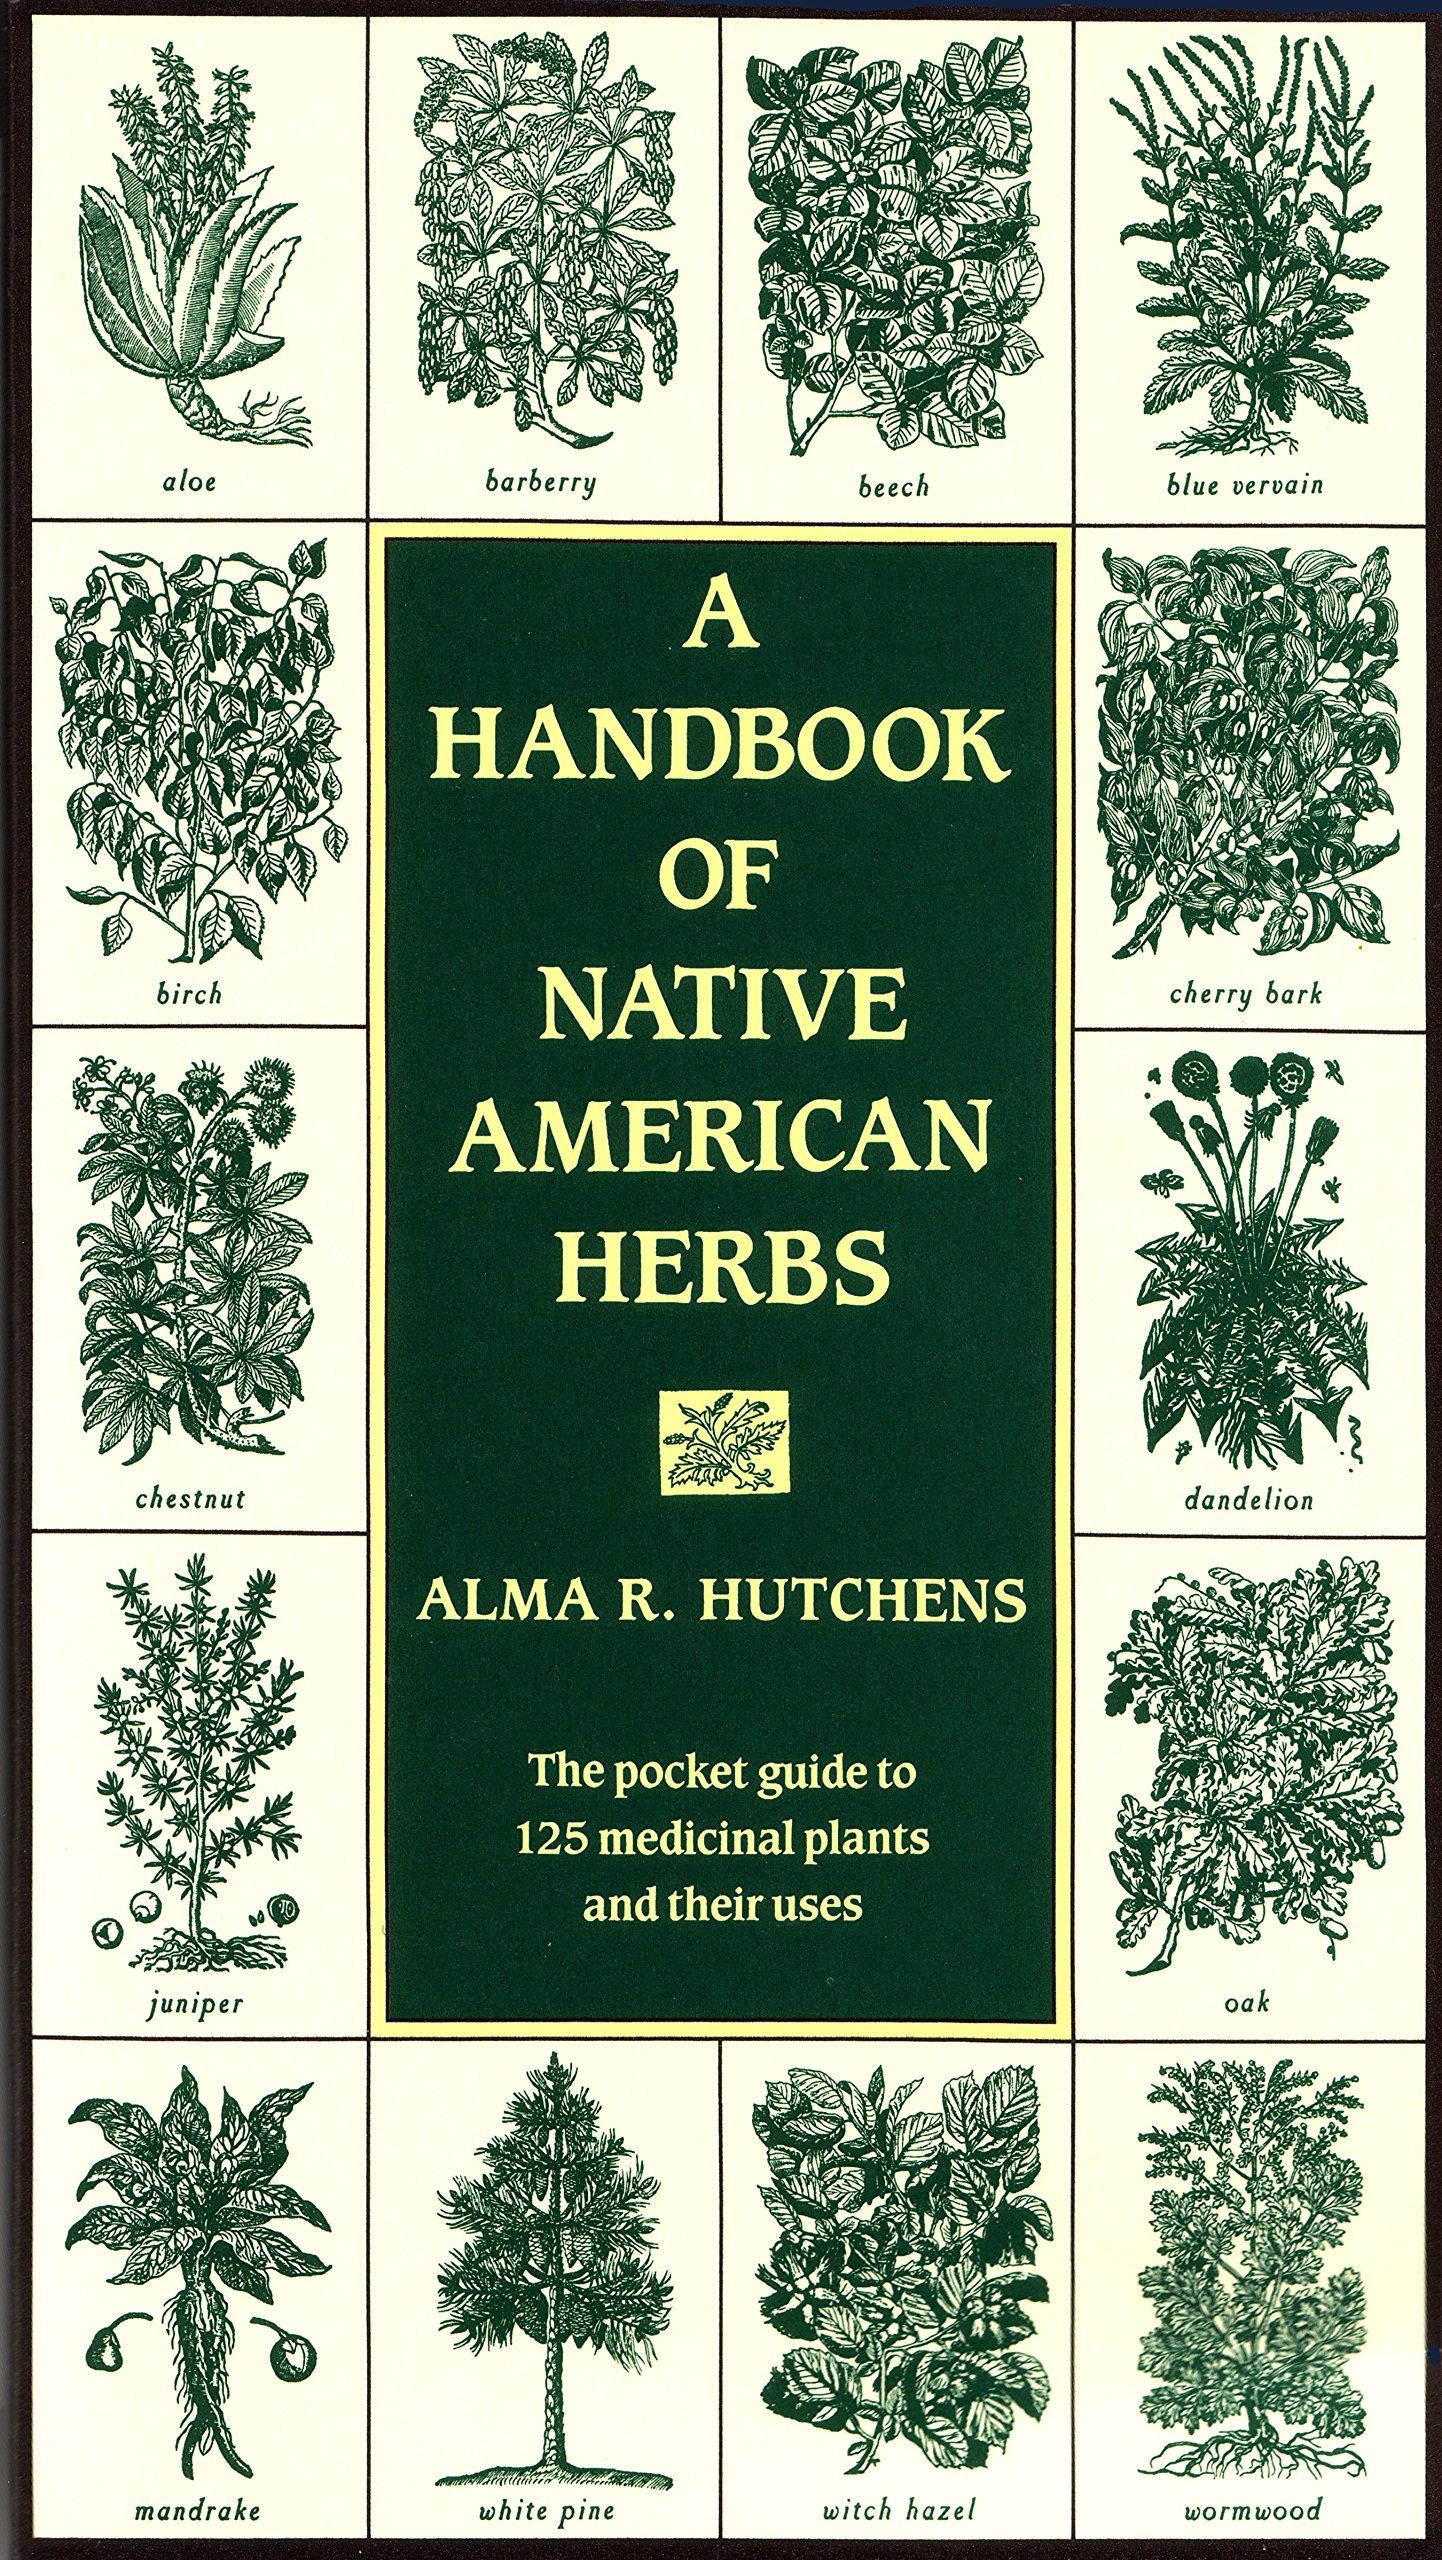 Handbook Native American Herbs Medicinal product image